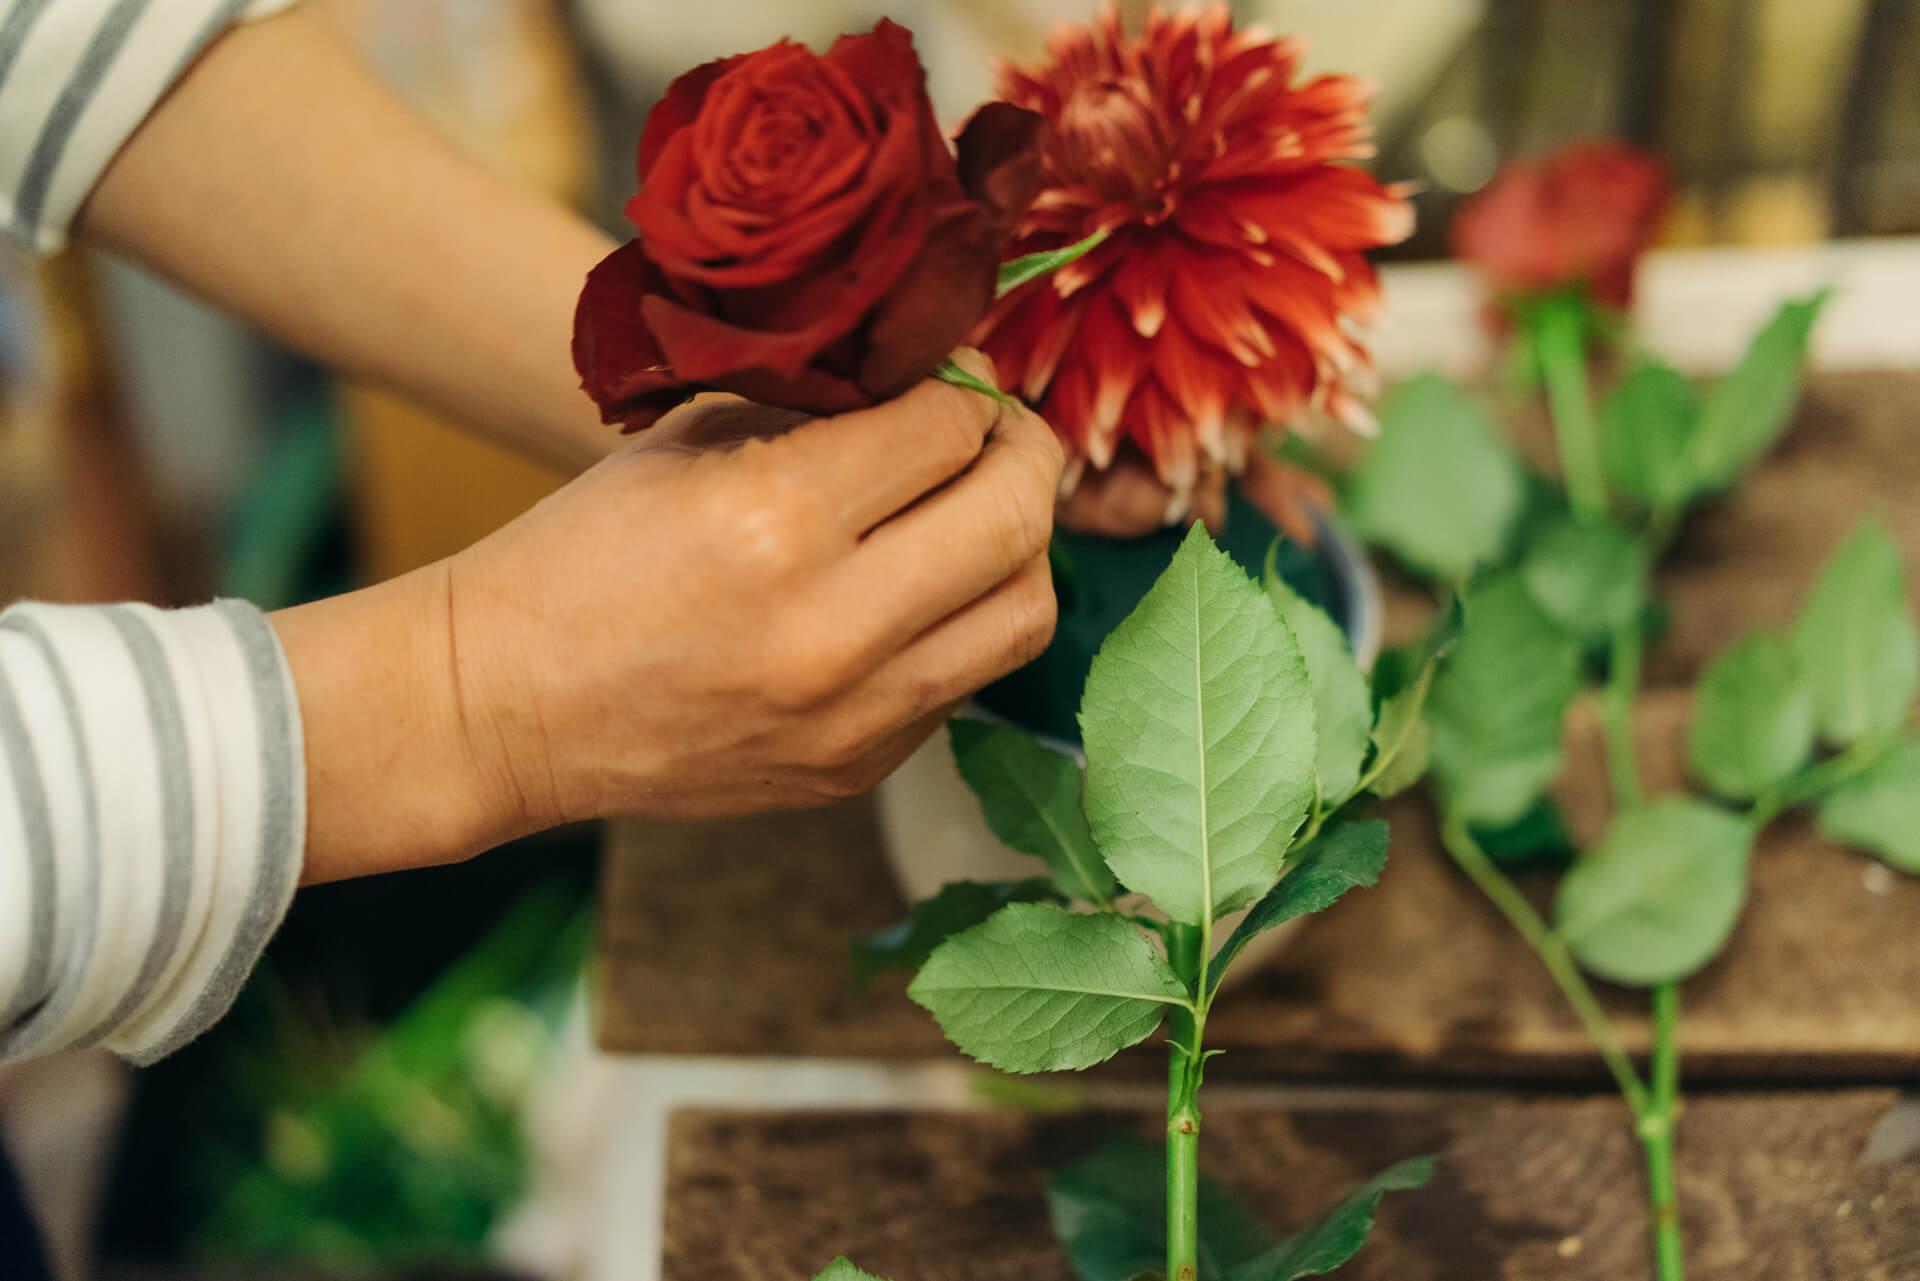 たくさんのお花の中から、ぱっと選んでアレンジメントを作り上げていく堀川さん。こちらは、バースデープレゼント用に「華やかに!」とオーダーが。